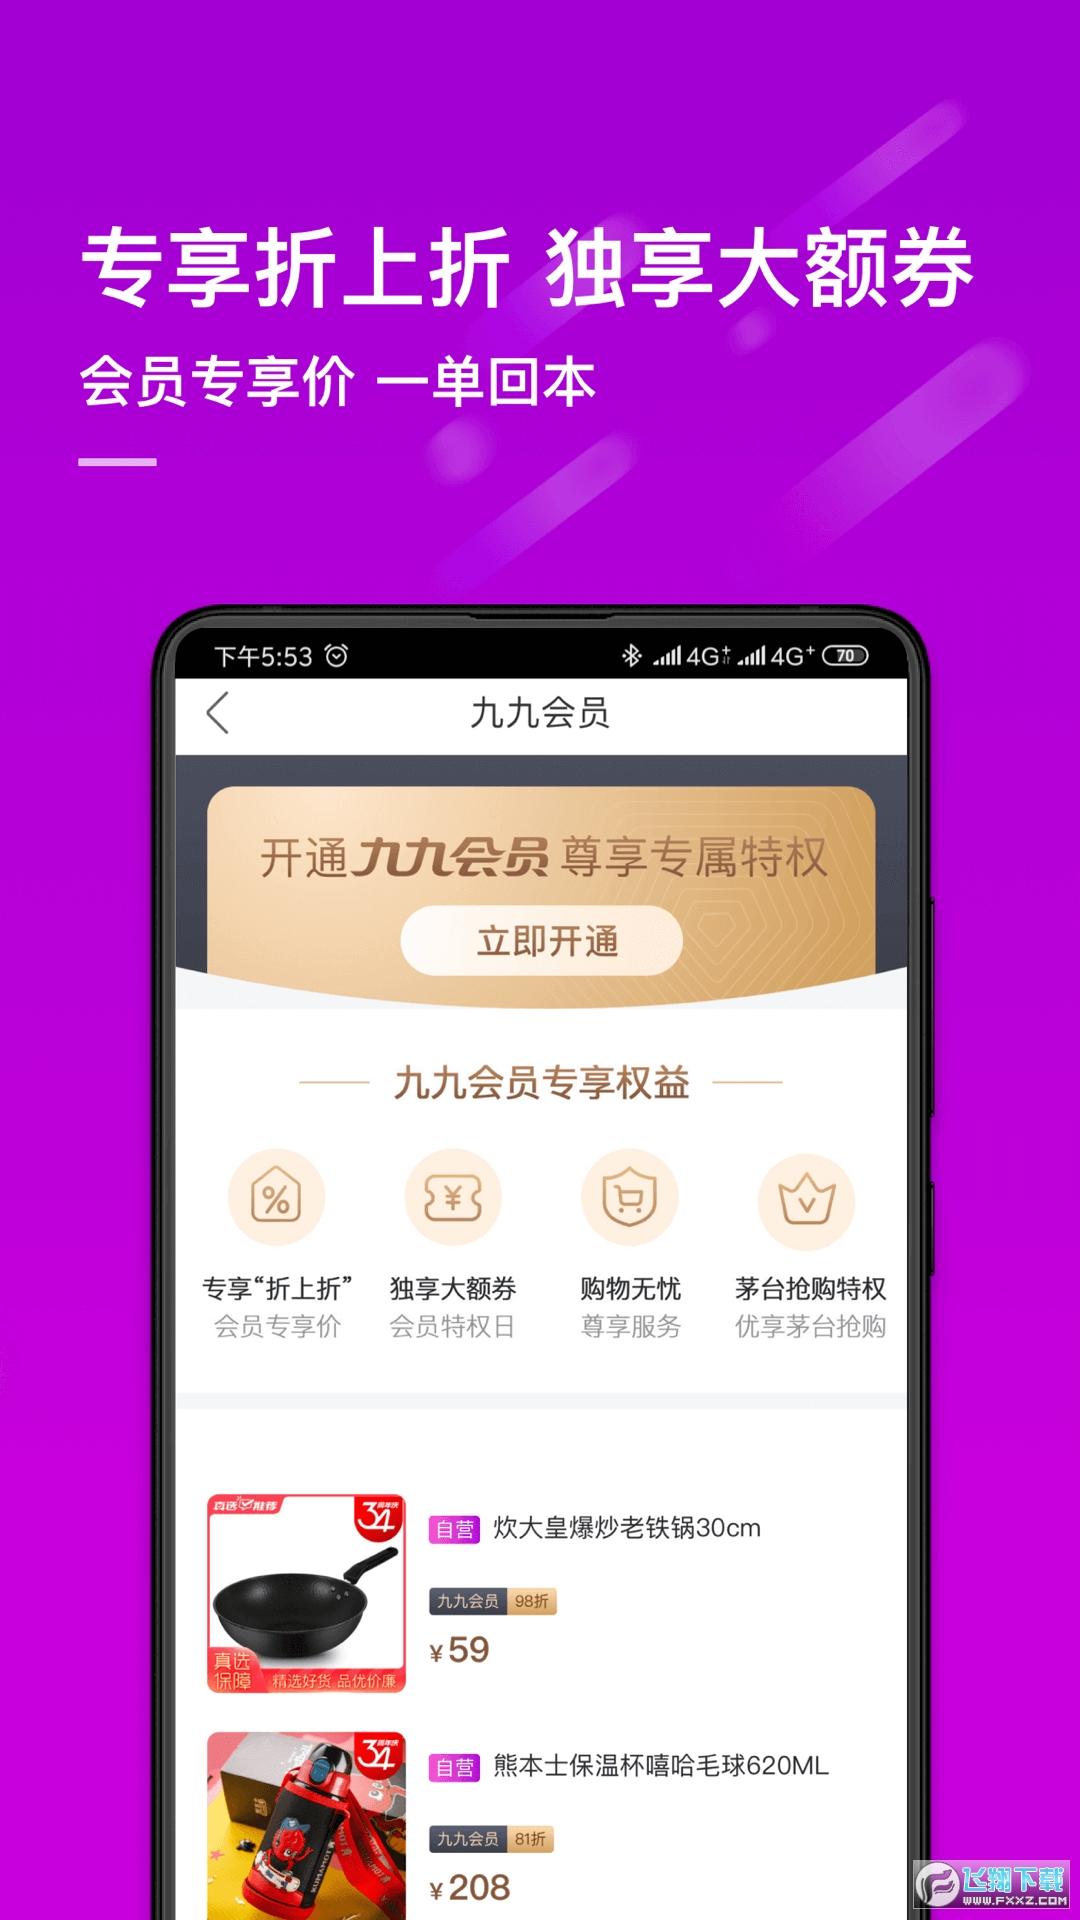 真快乐娱乐社交购物appv8.0.0安卓版截图2